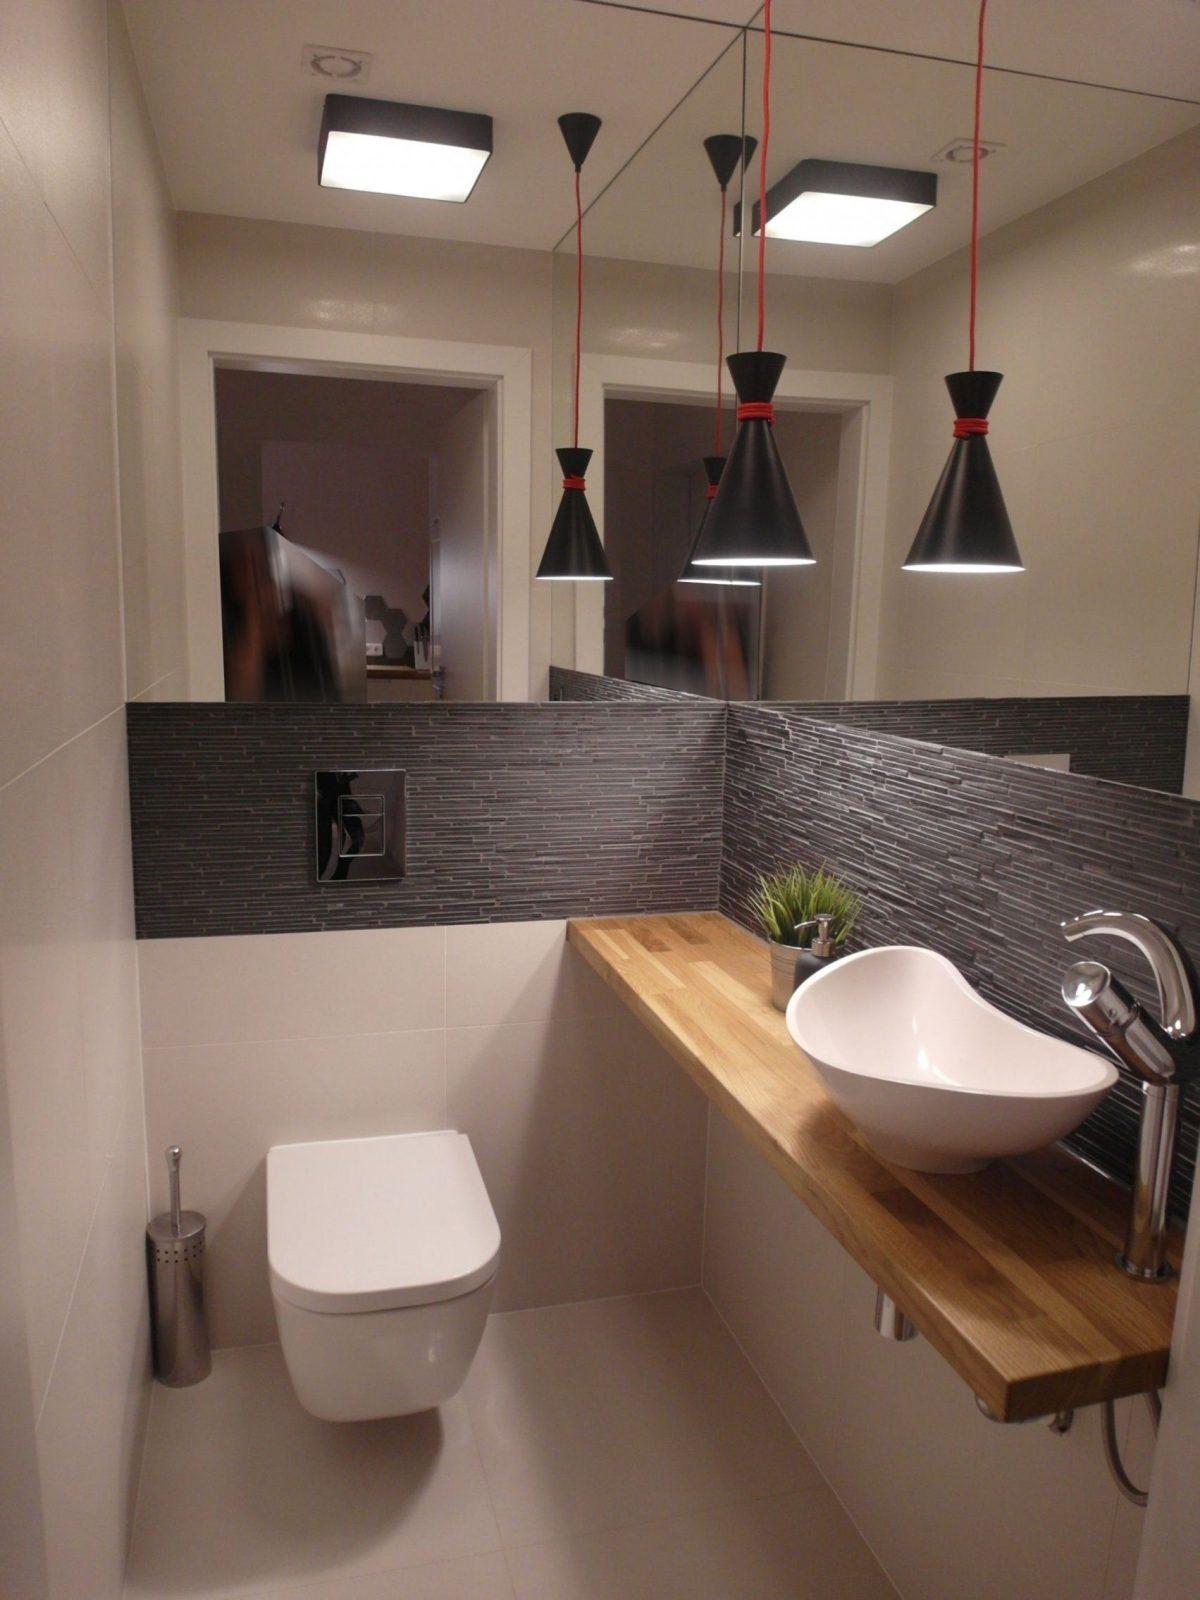 Bad Gäste Toilette Modern Wohnen Hausbau  Идеи Для Дома von Gäste Wc Design Ideen Bild